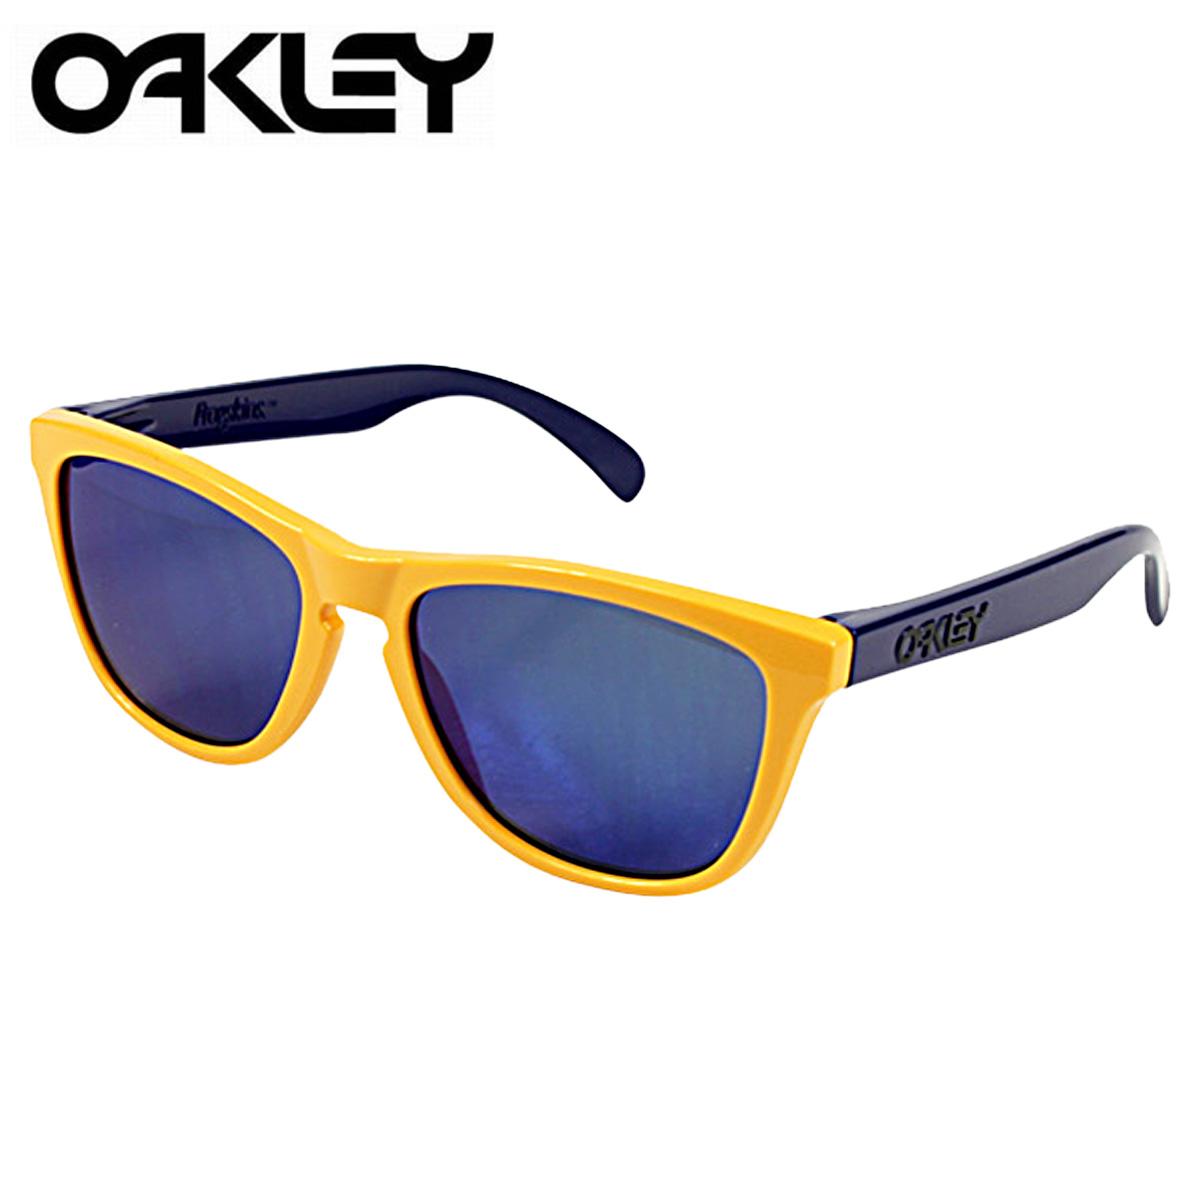 oakley blue yellow